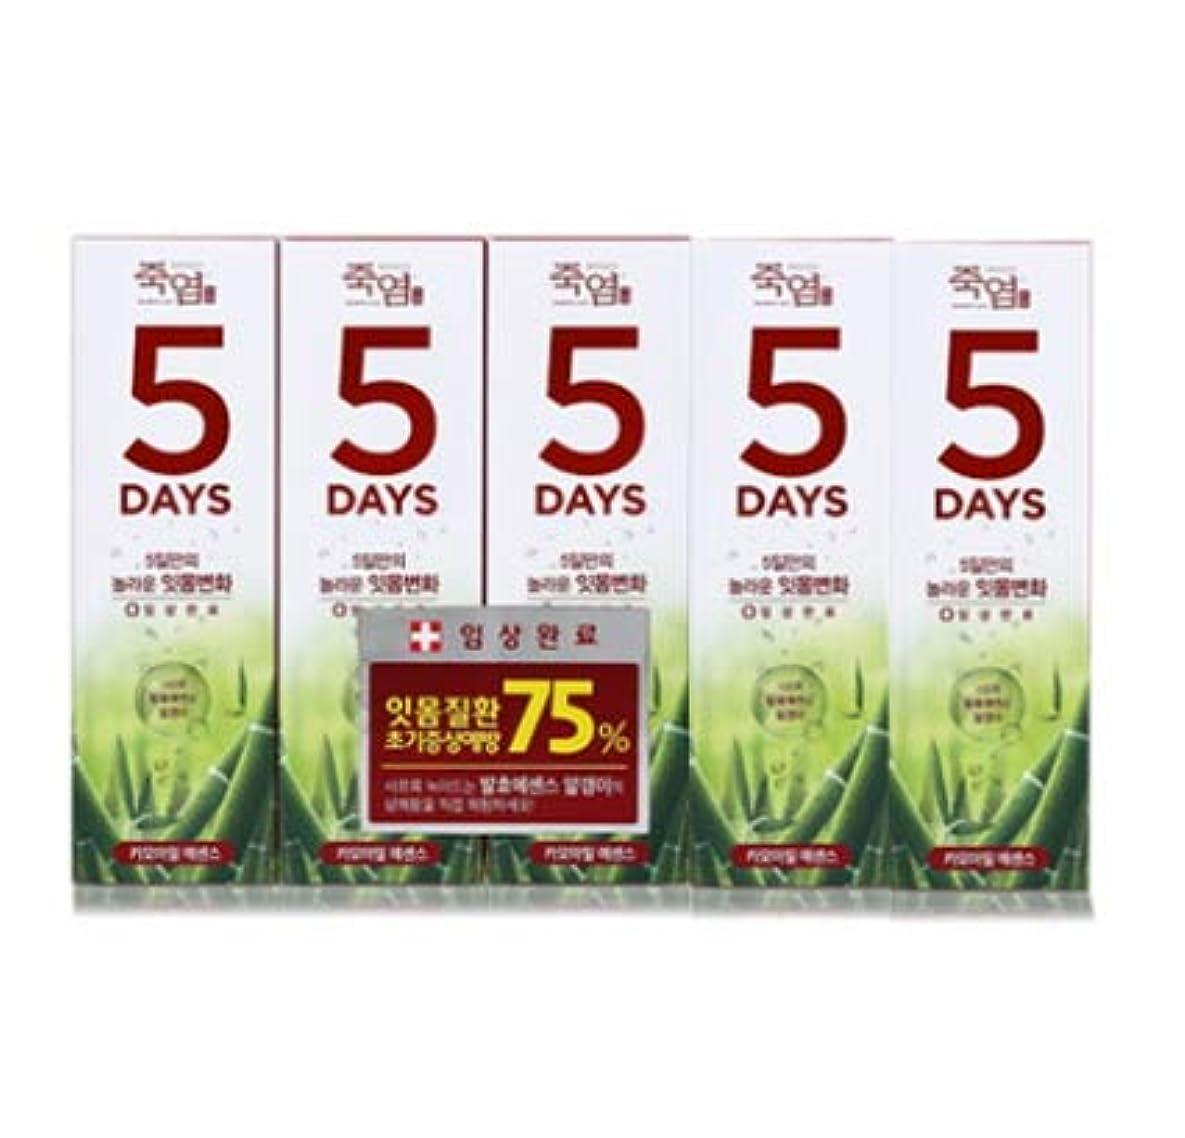 辛い五十ダイアクリティカル[LG Care/LG生活健康]竹塩歯磨き粉5daysカモミールエッセンス100g x5ea/歯磨きセットスペシャル?リミテッドToothpaste Set Special Limited Korea(海外直送品)